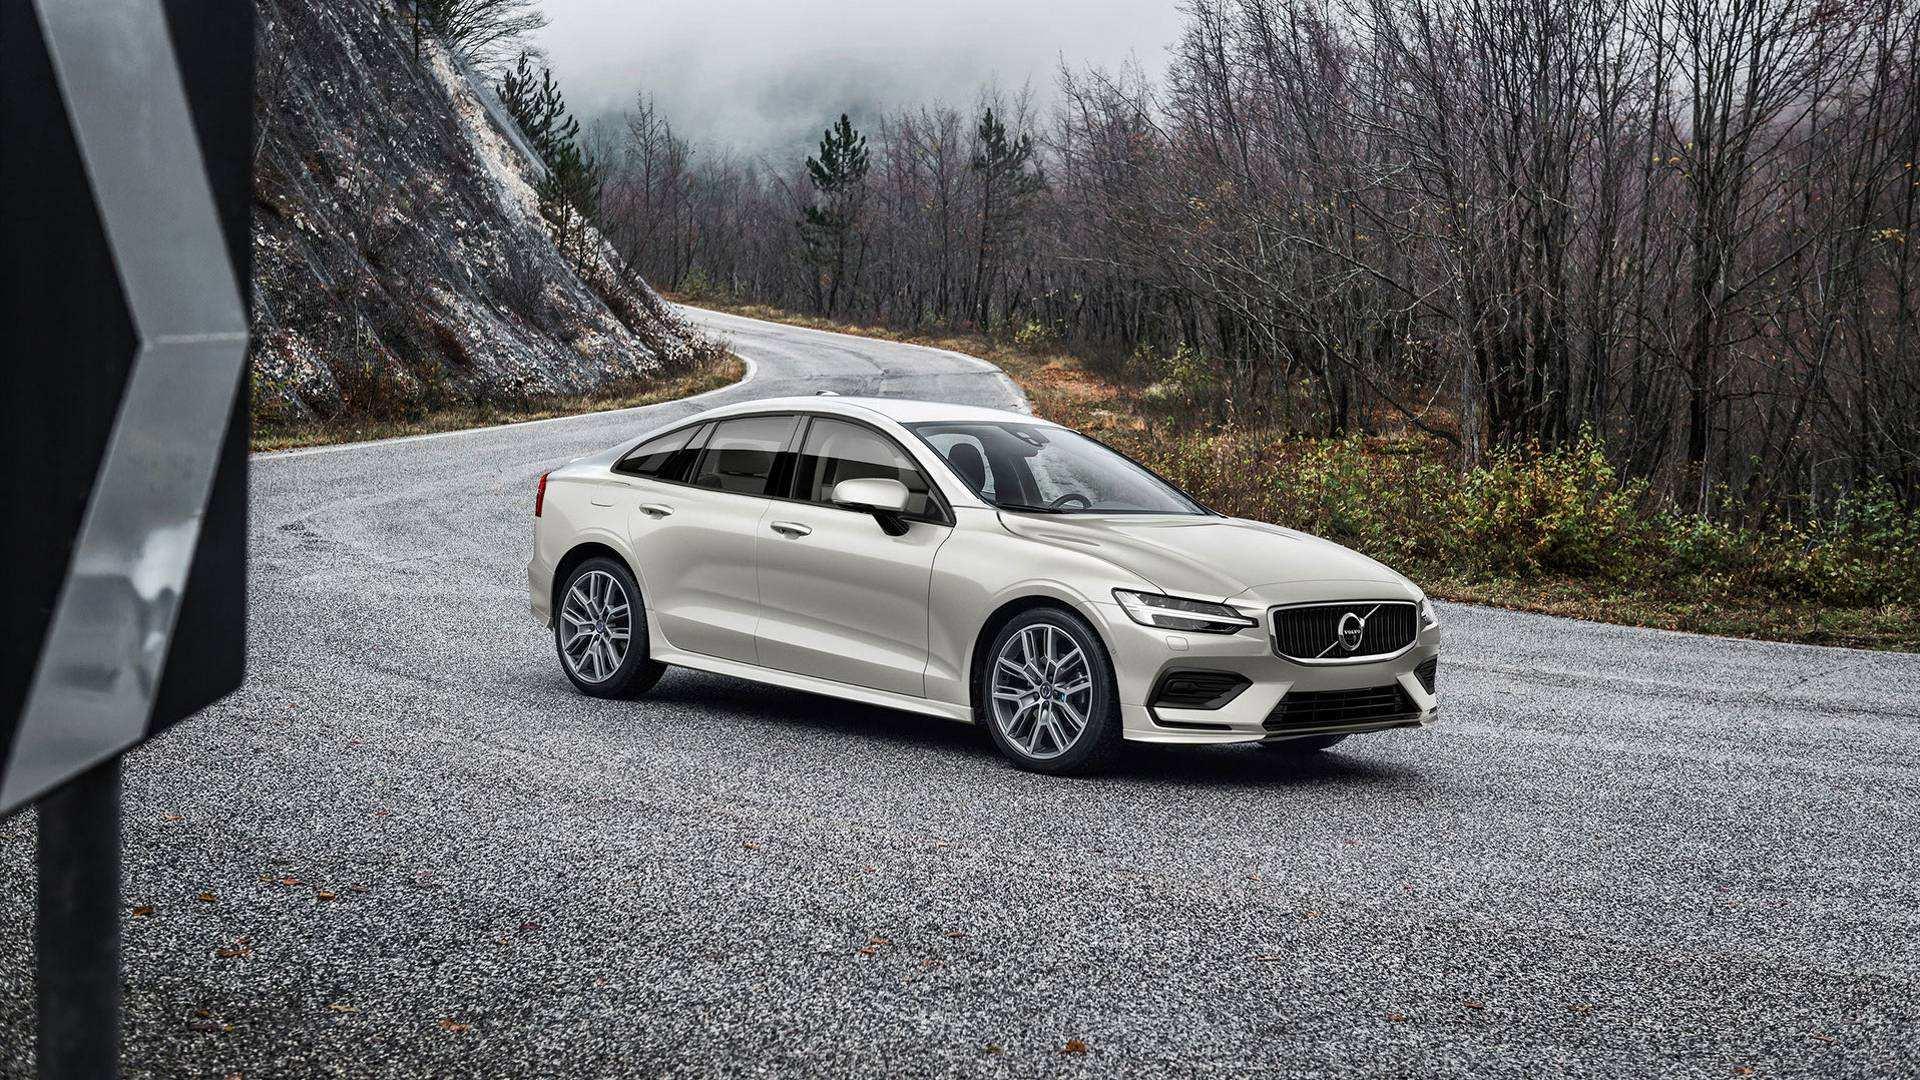 17 Best Review Volvo Nieuwe Modellen 2020 Photos for Volvo Nieuwe Modellen 2020